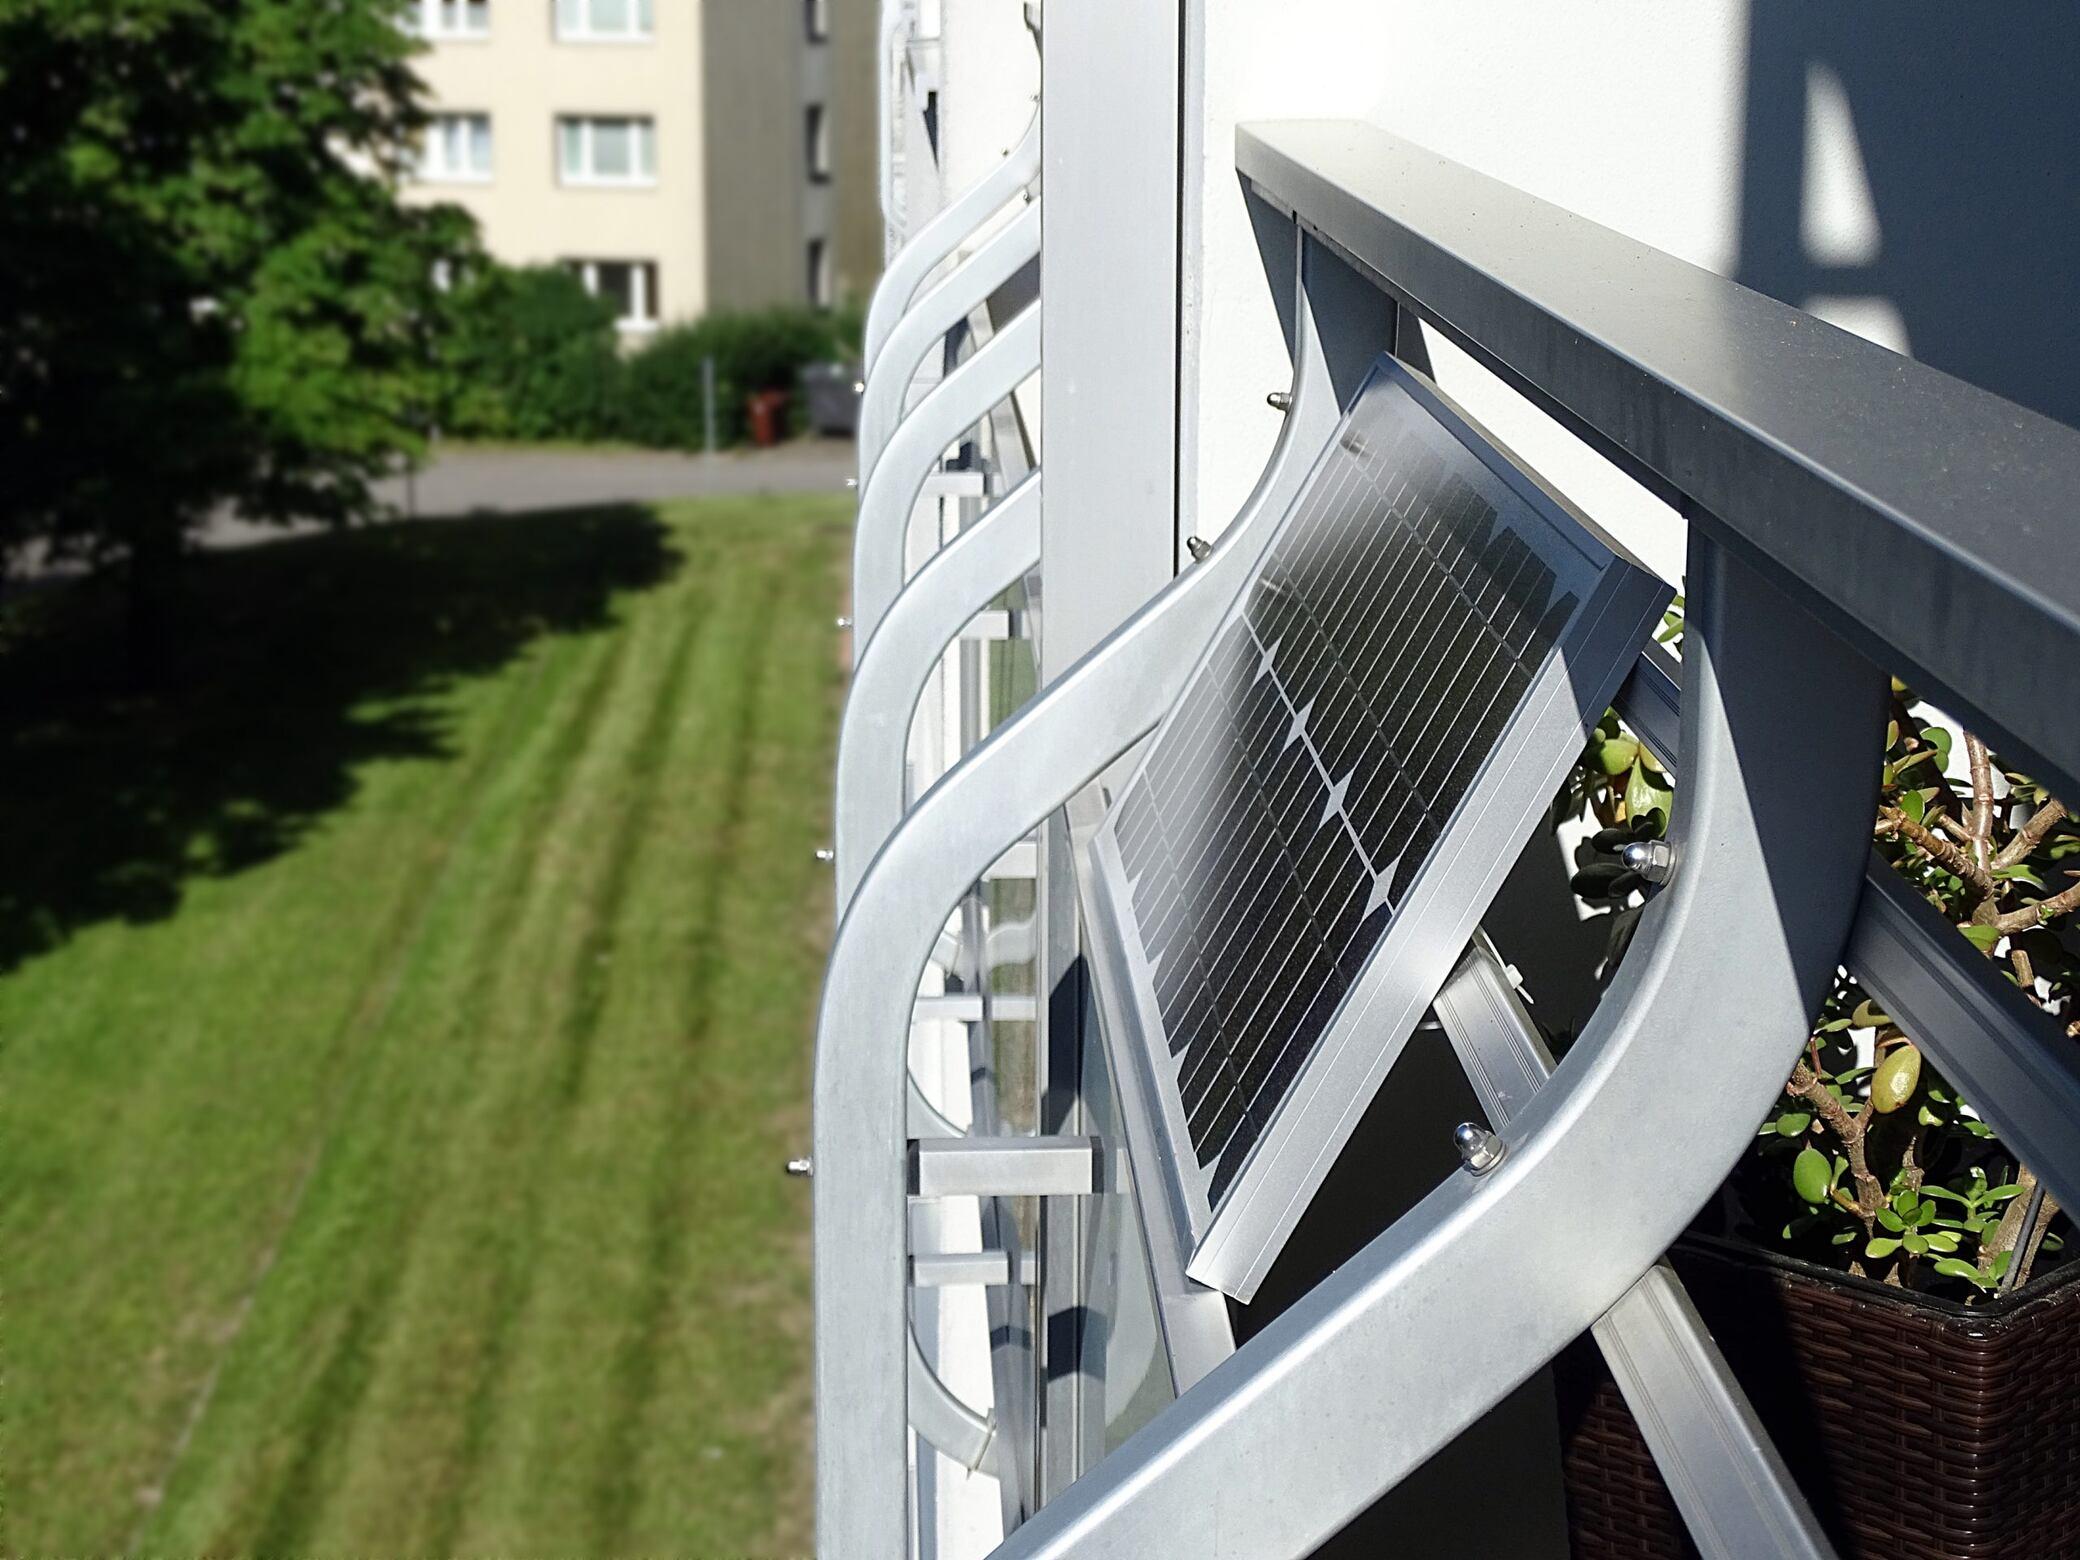 Mit einer Solaranlage auf dem Balkon Strom erzeugen - myHOMEBOOK